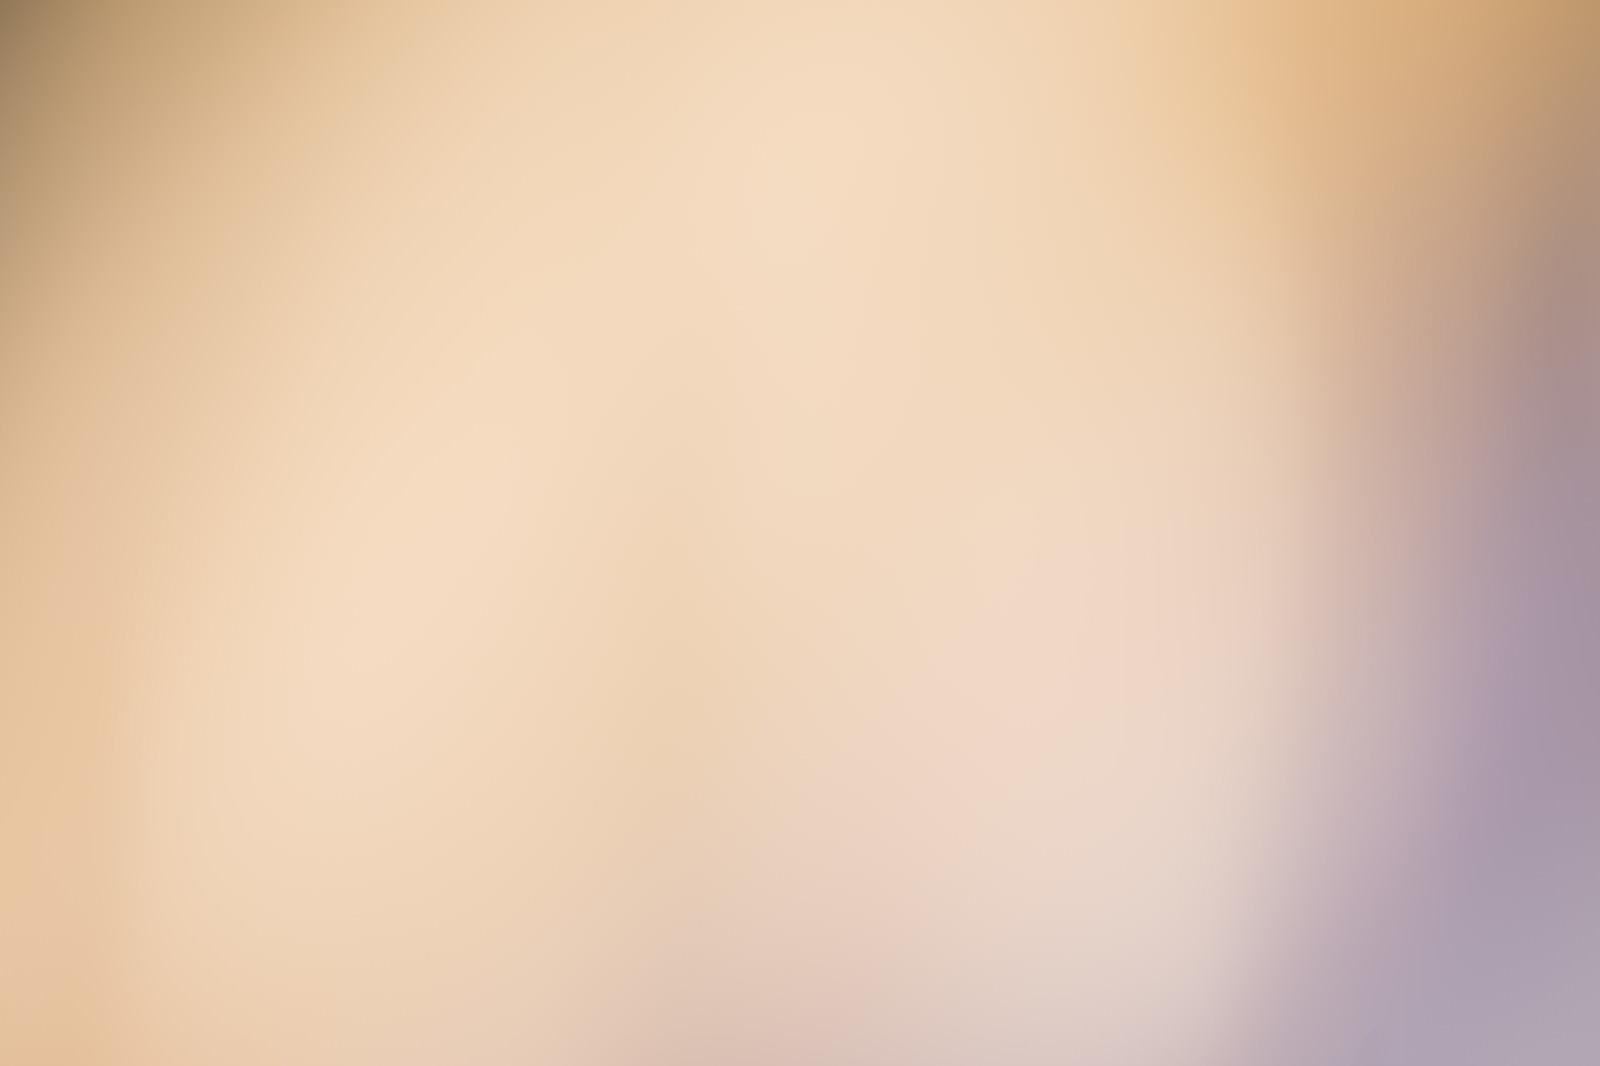 「色あせた光(ボケ)」の写真